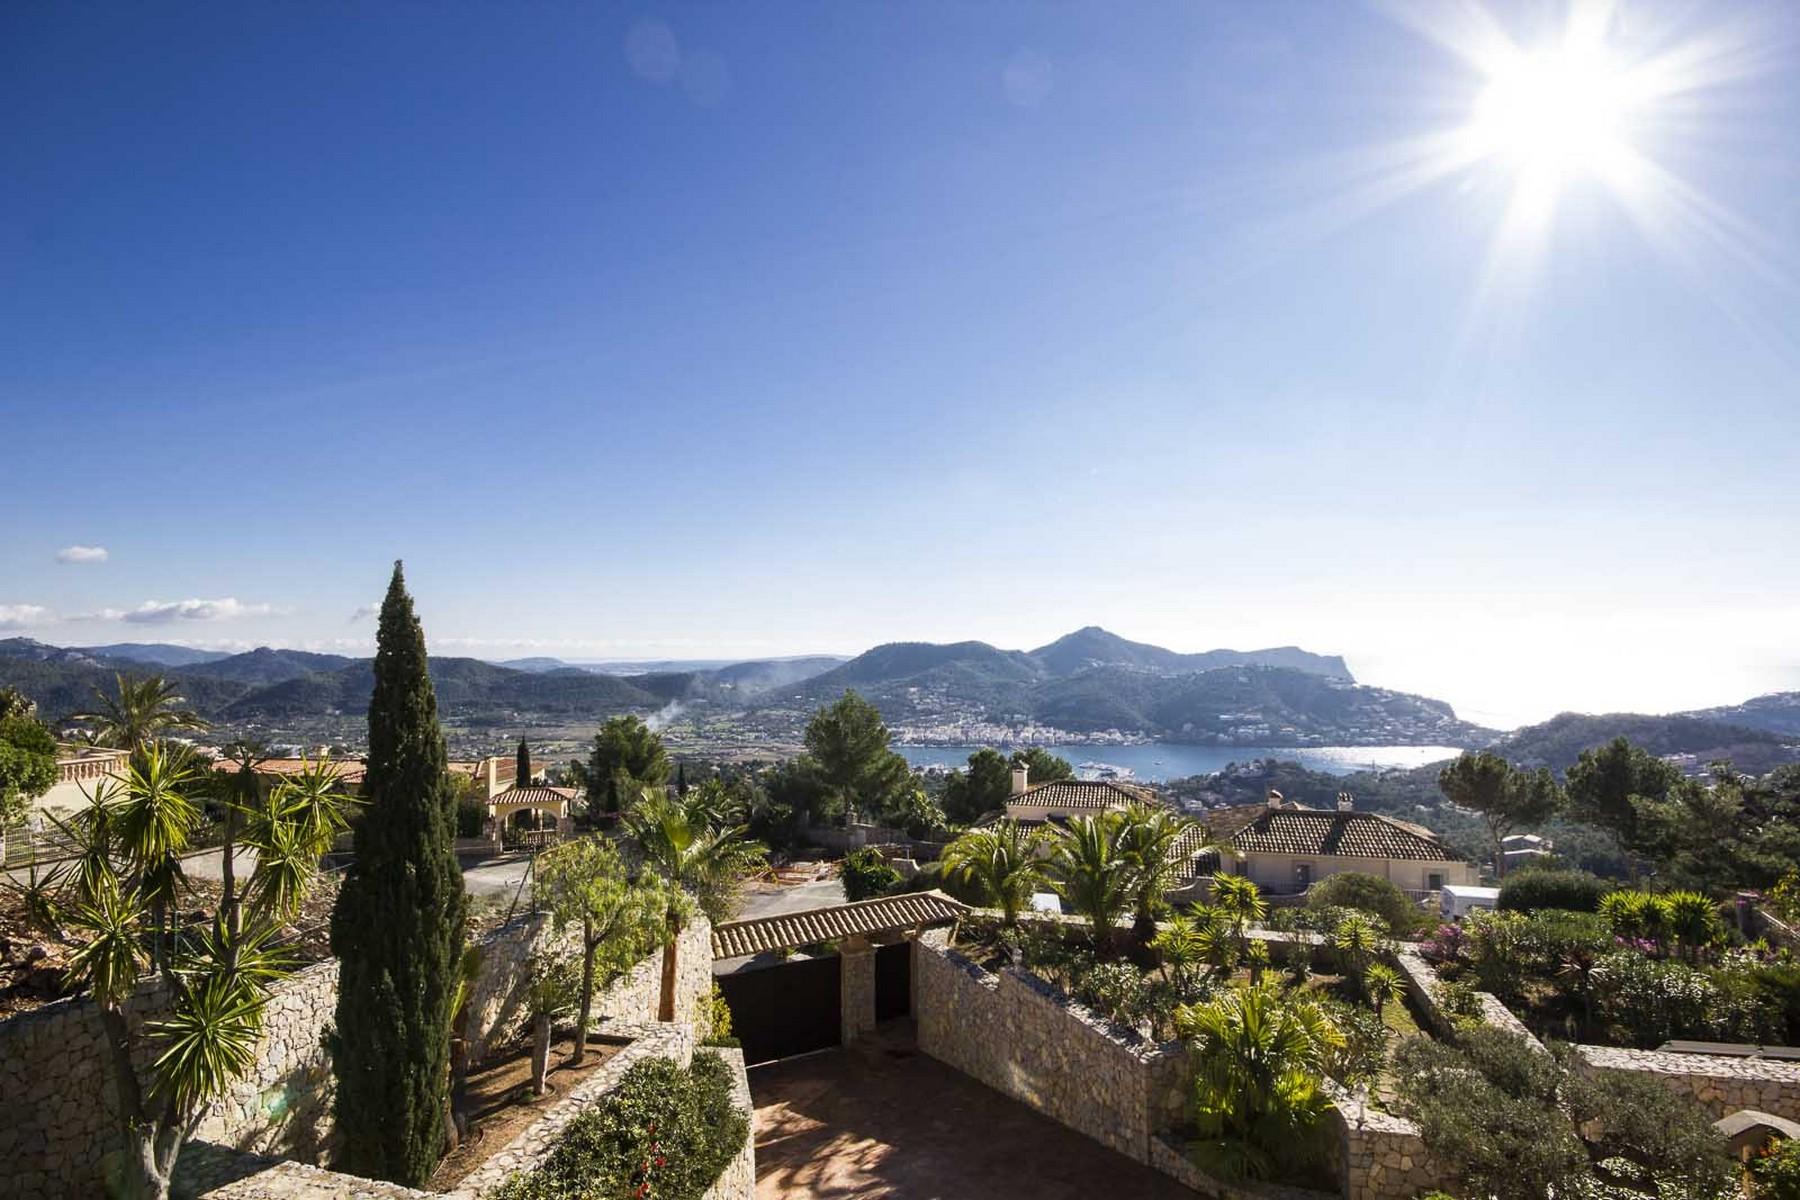 Casa Unifamiliar por un Venta en Spacious villa with sea views in Port Andratx Port Andratx, Mallorca 07157 España